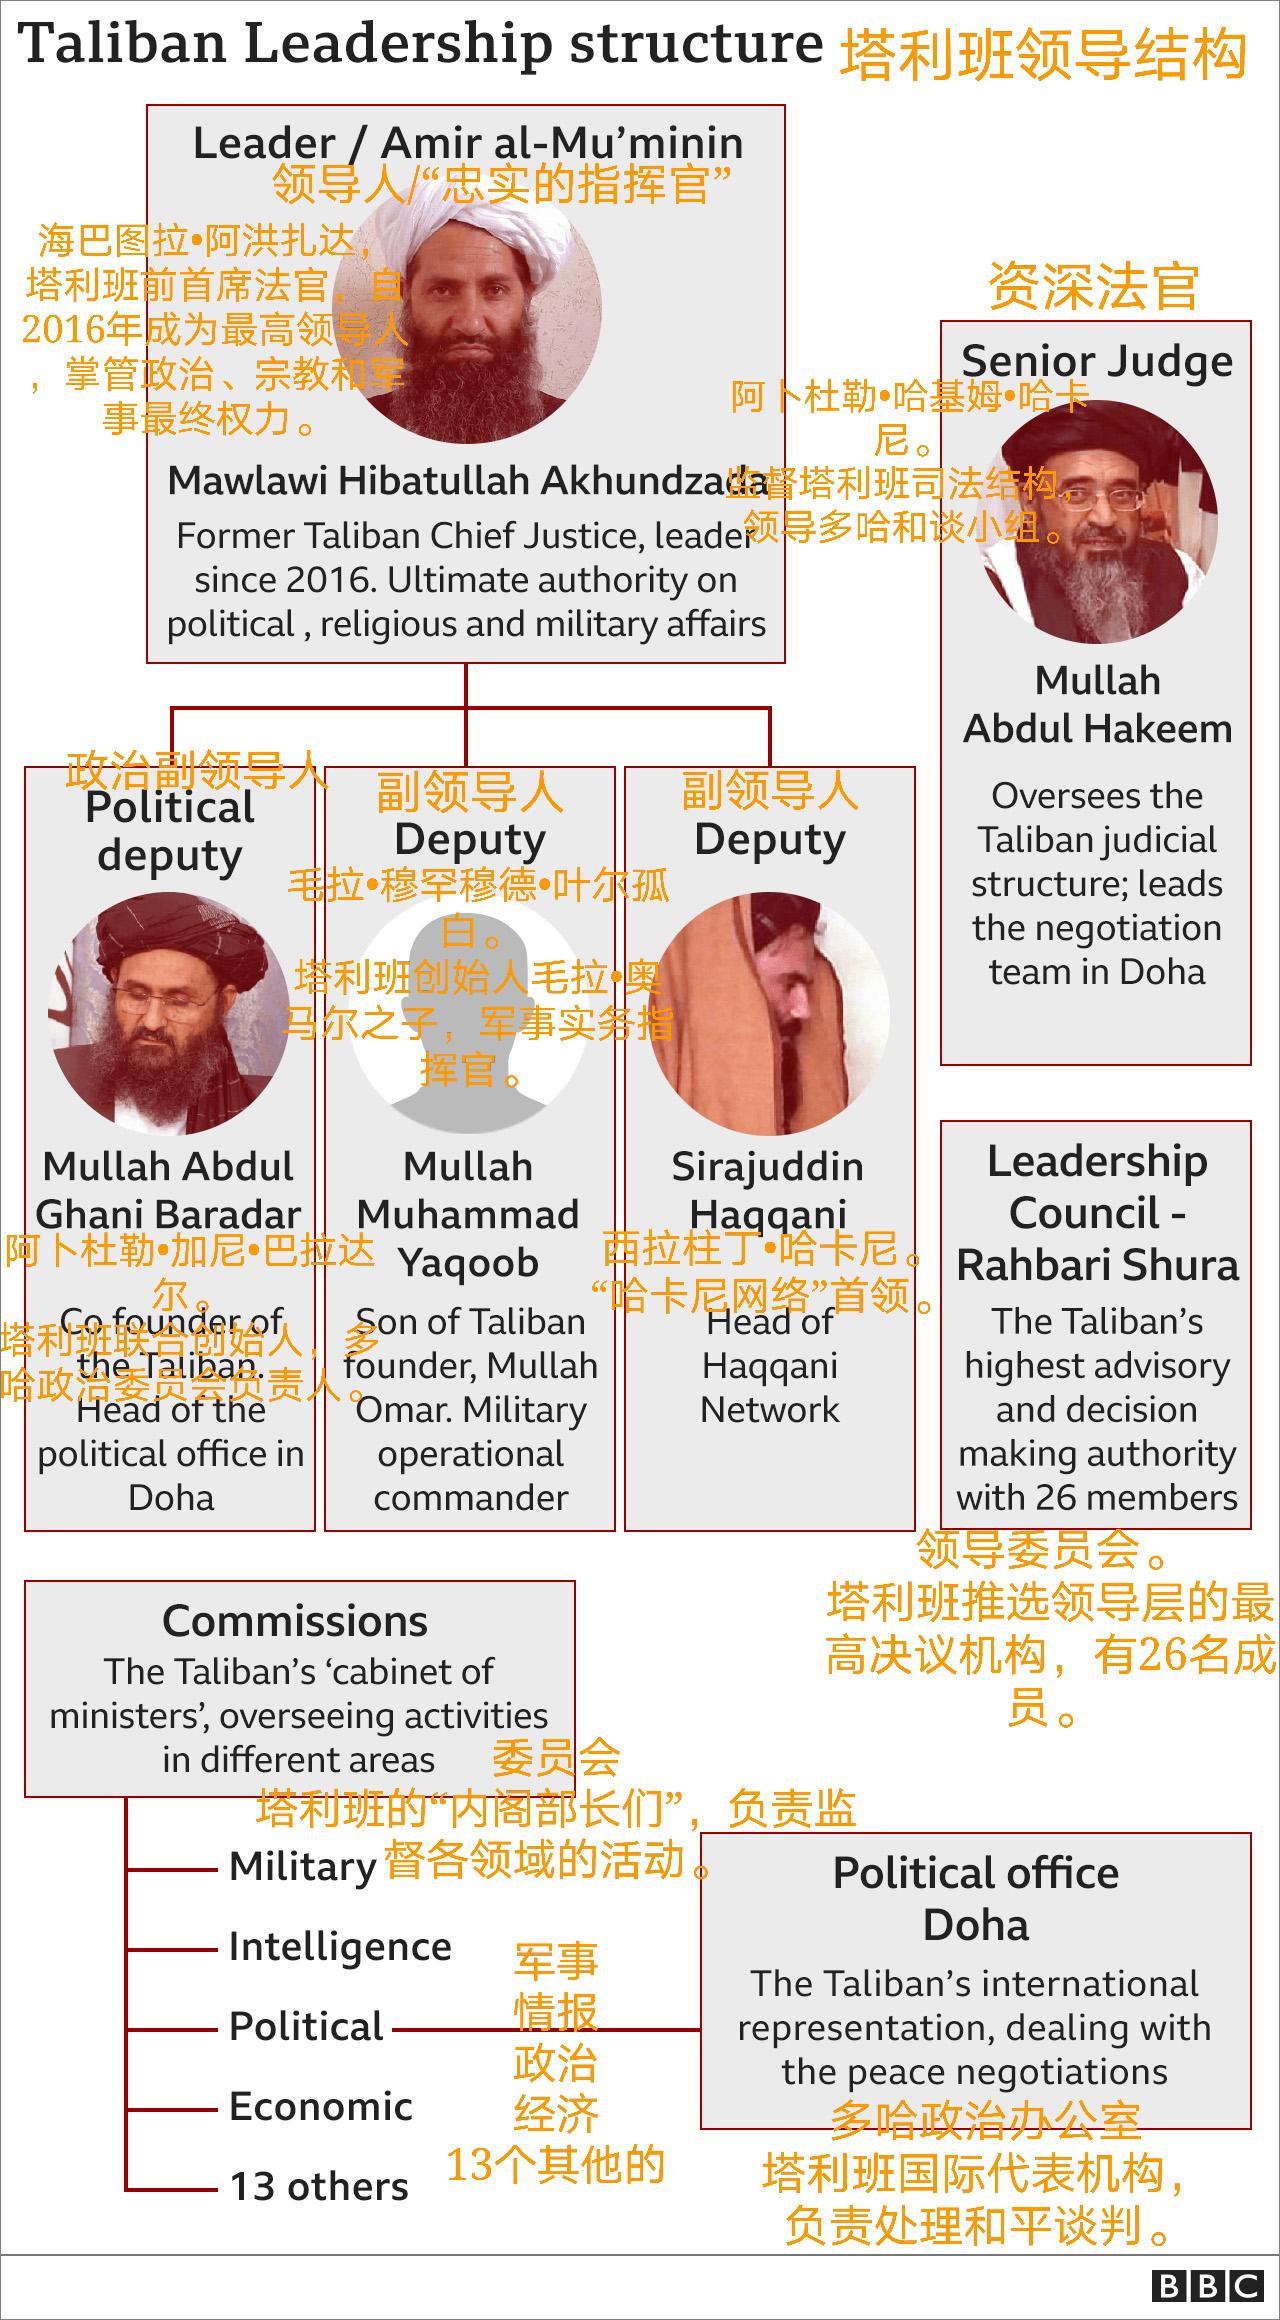 谁是阿富汗塔利班主要领导人?这4位很关键